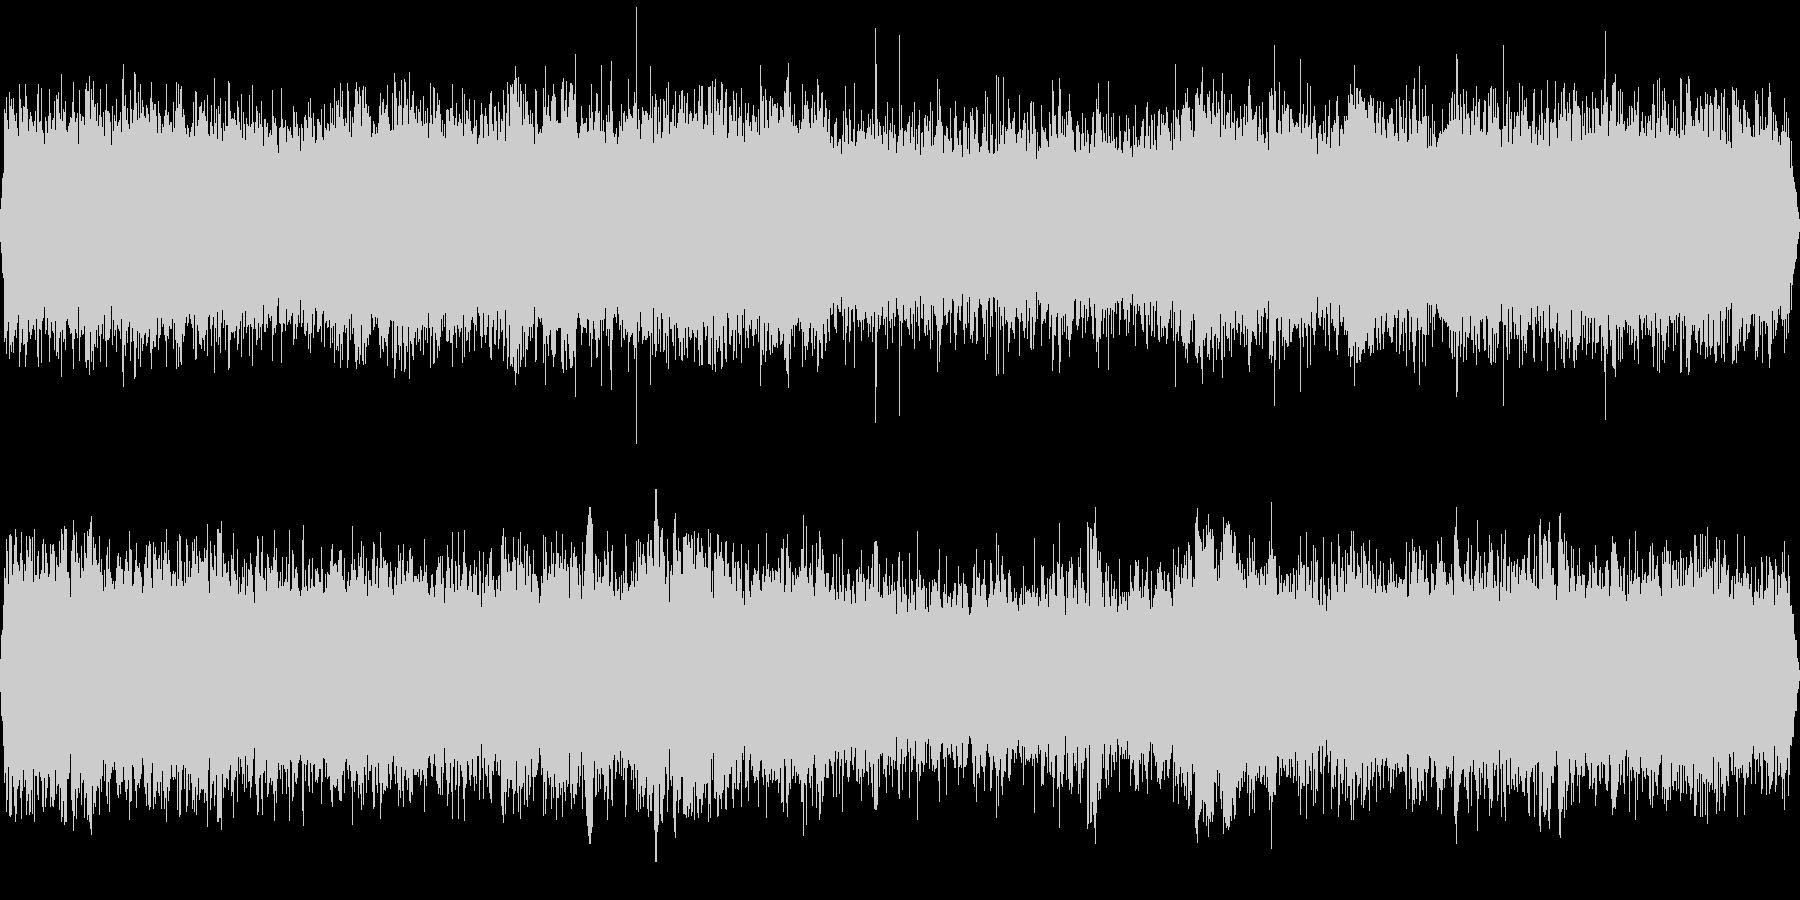 騒がしいイベントホール(環境音)の未再生の波形